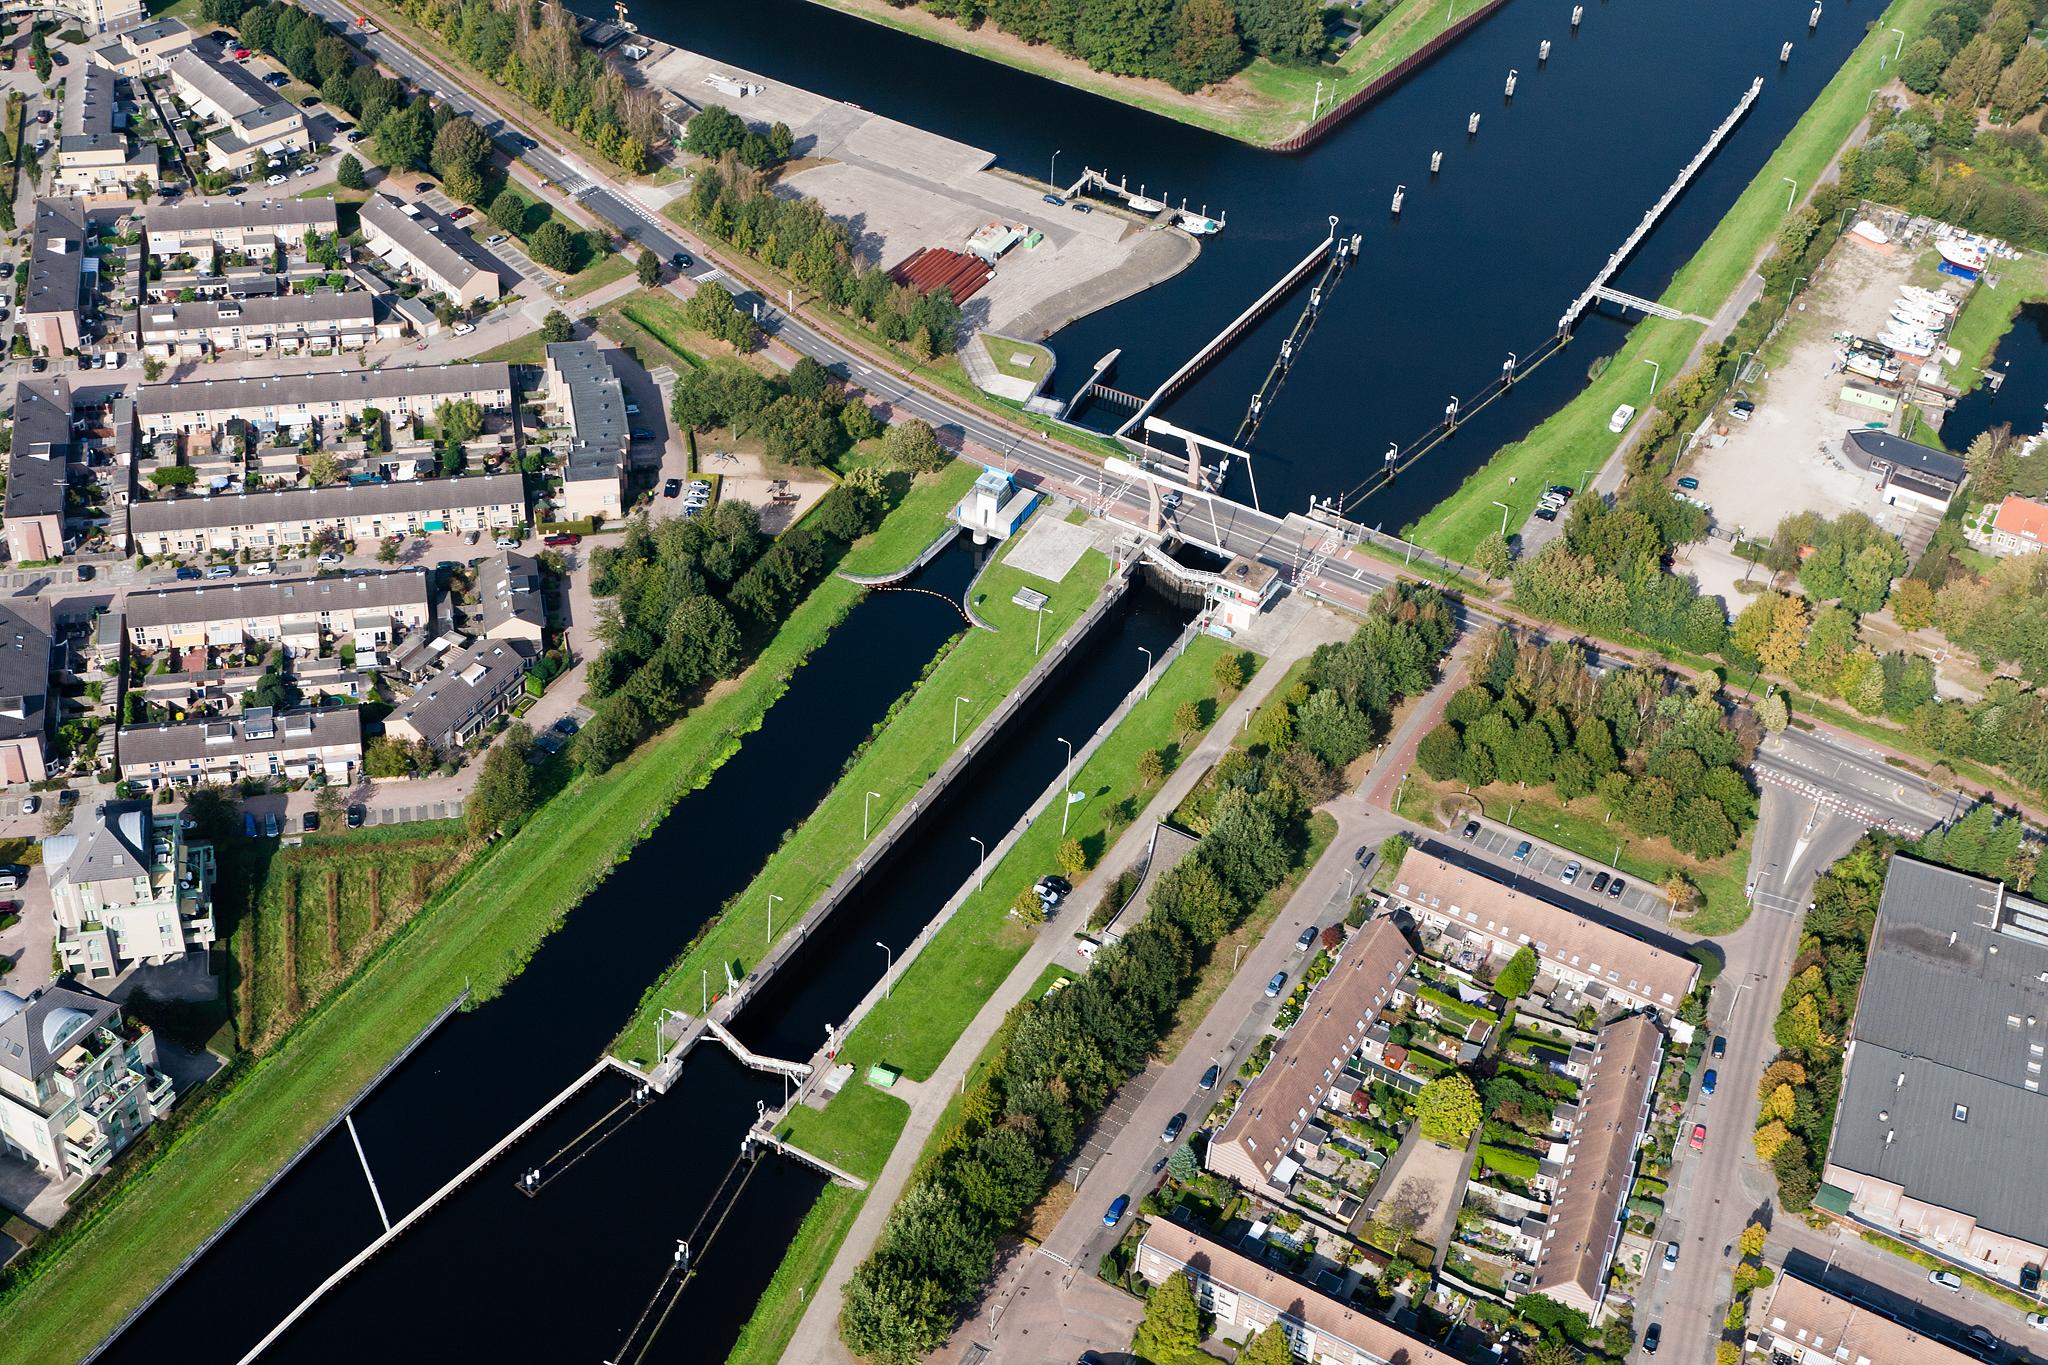 Het ICT-systeem in Sluis I bij Oosterhout zal als eerst worden vernieuwd (Foto Joop van Houdt / Rijkswaterstaat)